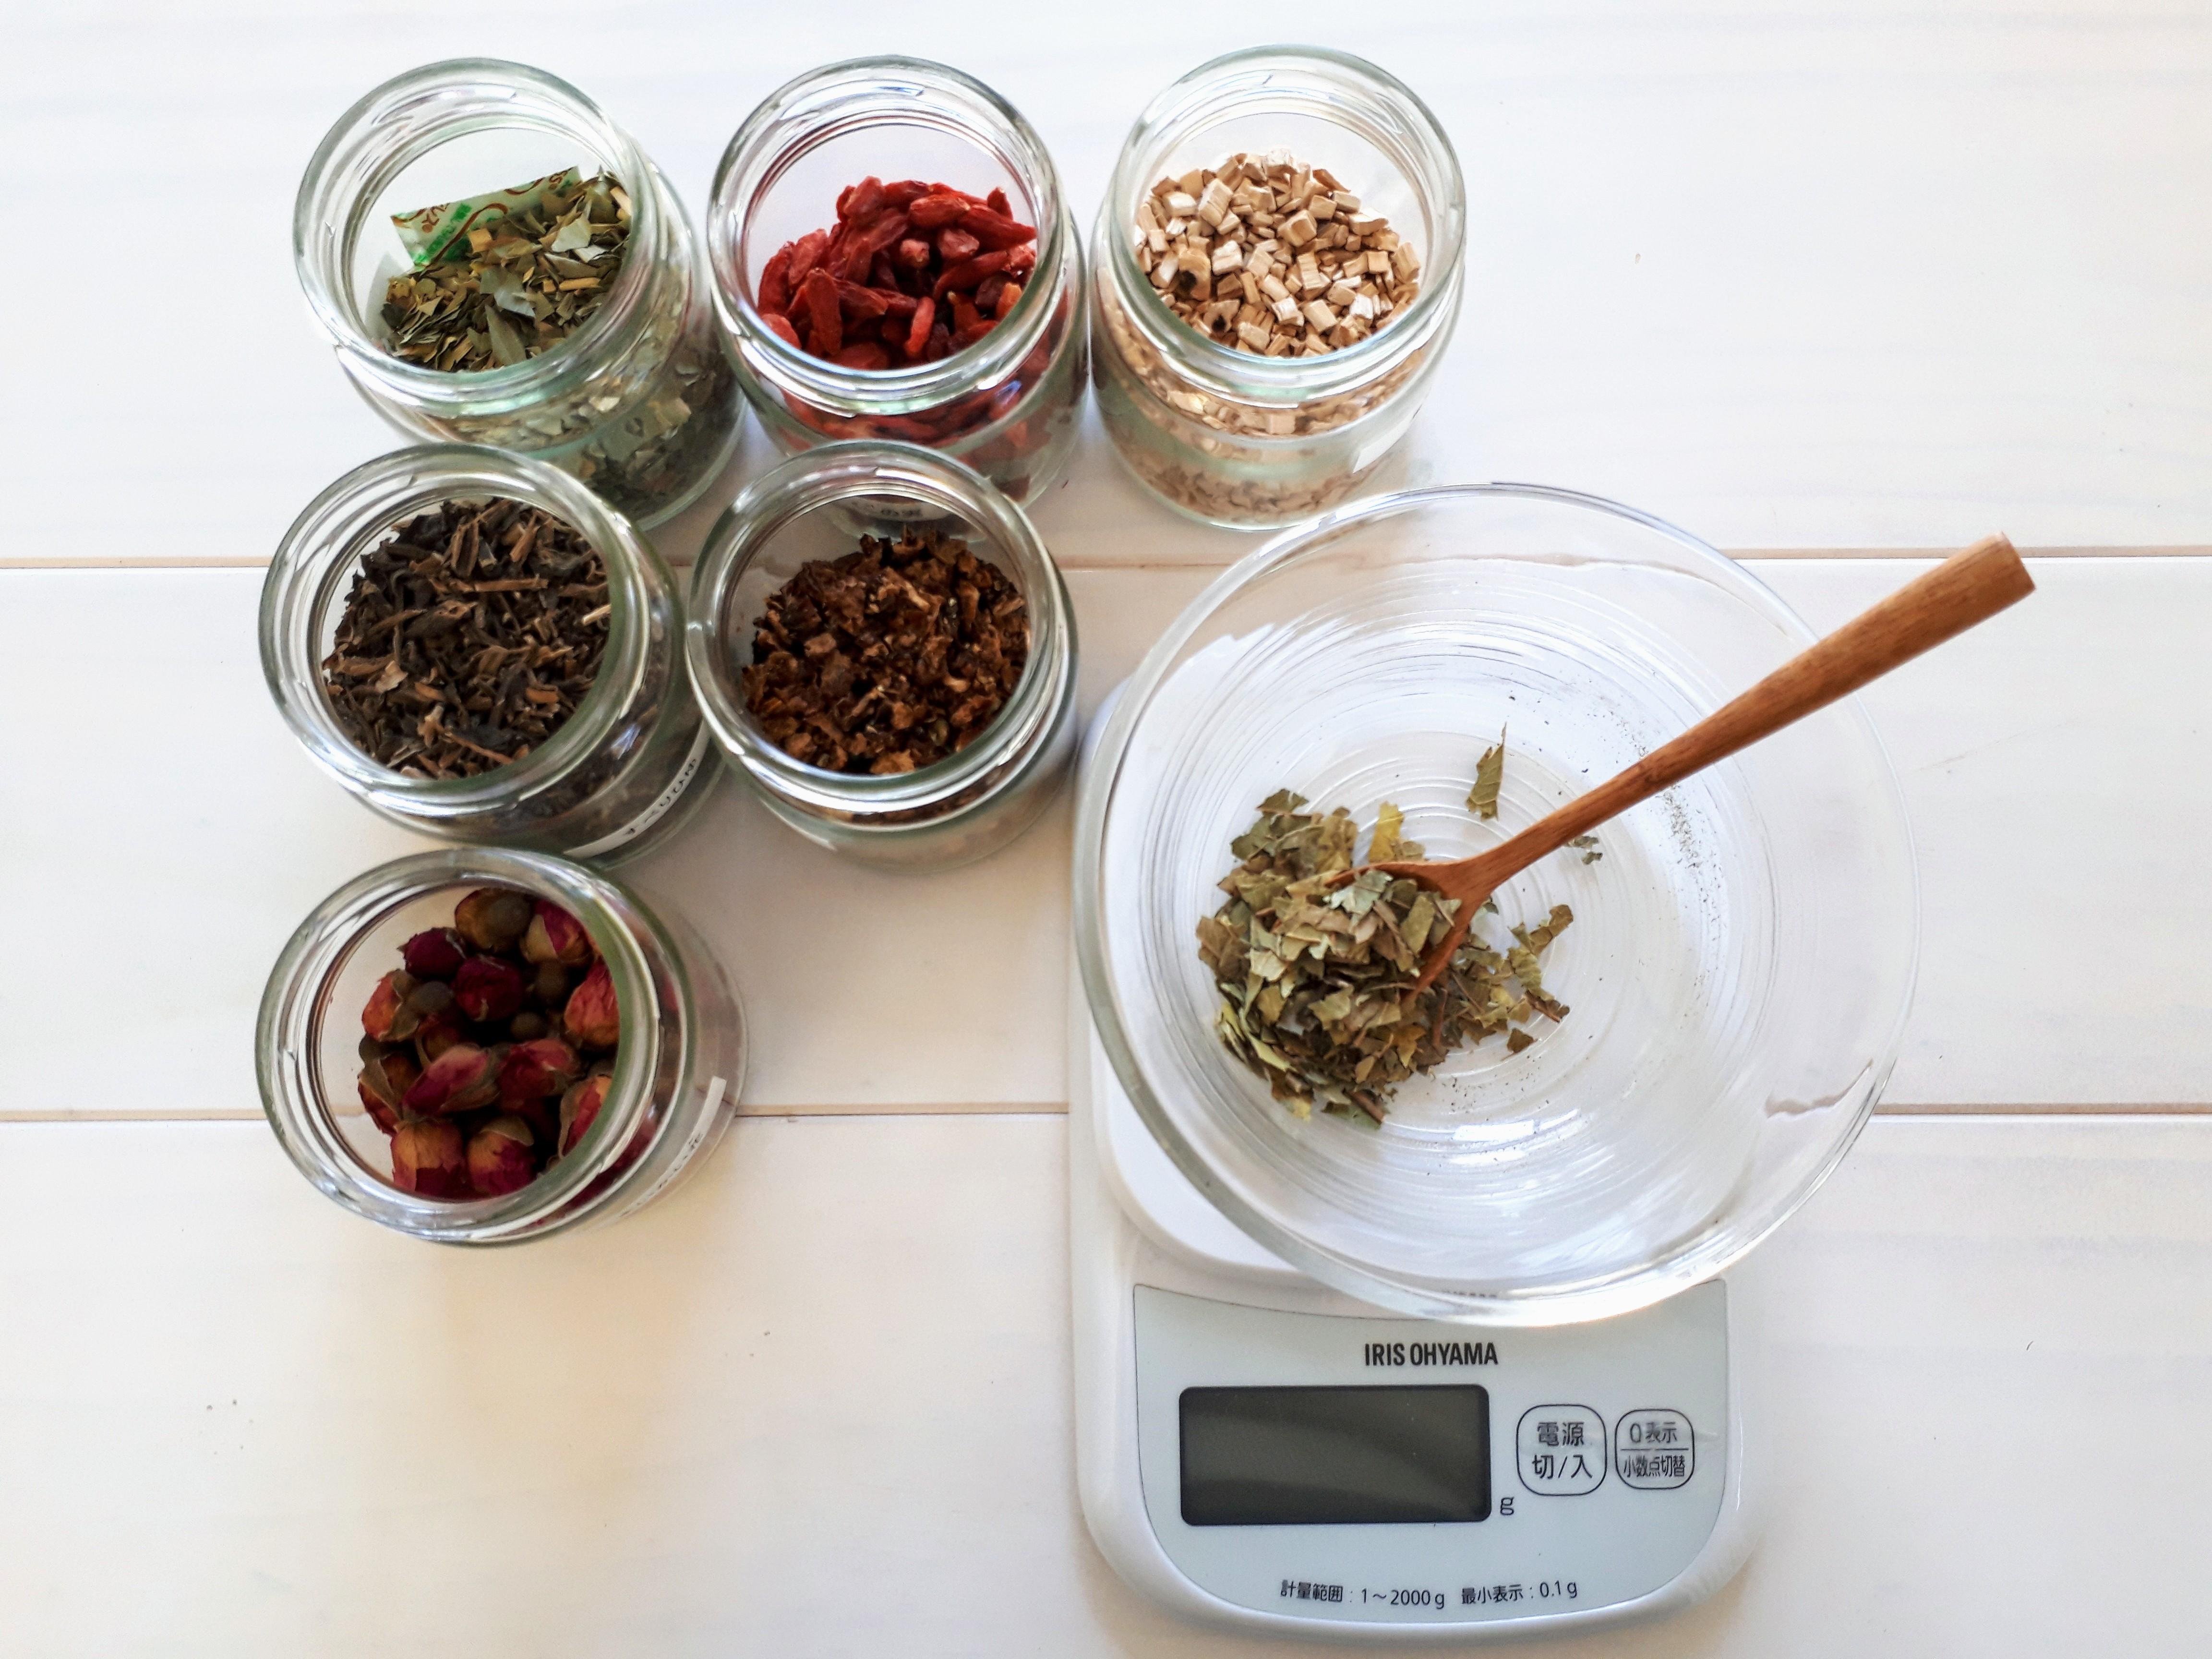 体質や体調から、あなただけのオーダーメイド漢方茶をお作りします